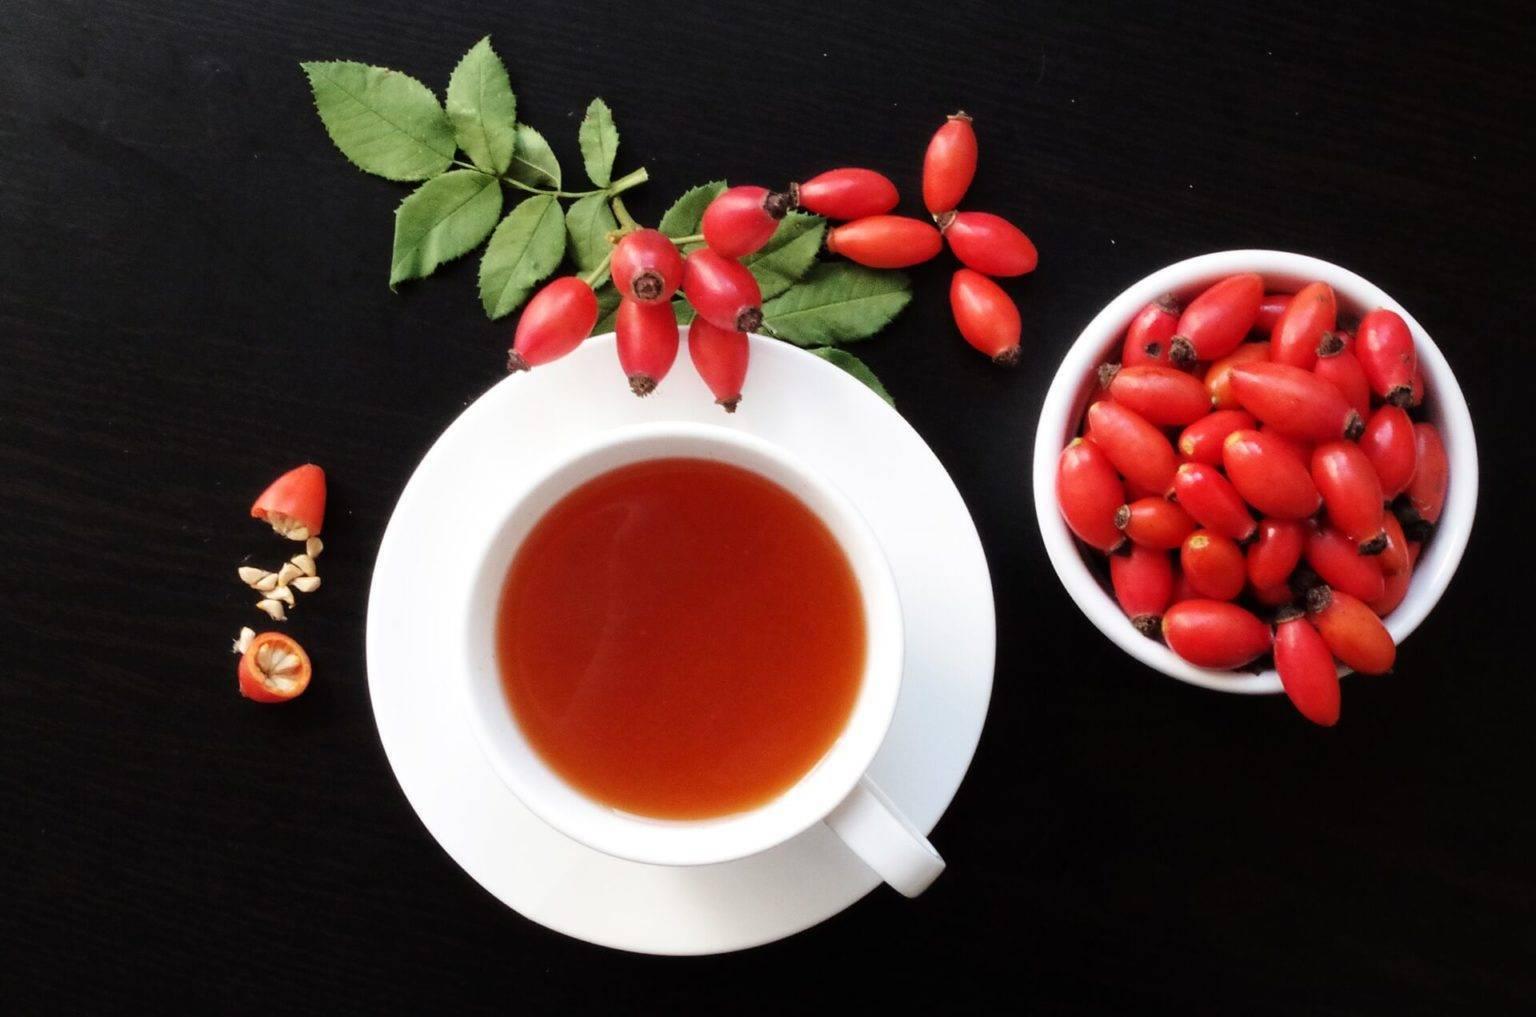 Рецепты настоек из шиповника на водке, спирте и самогоне